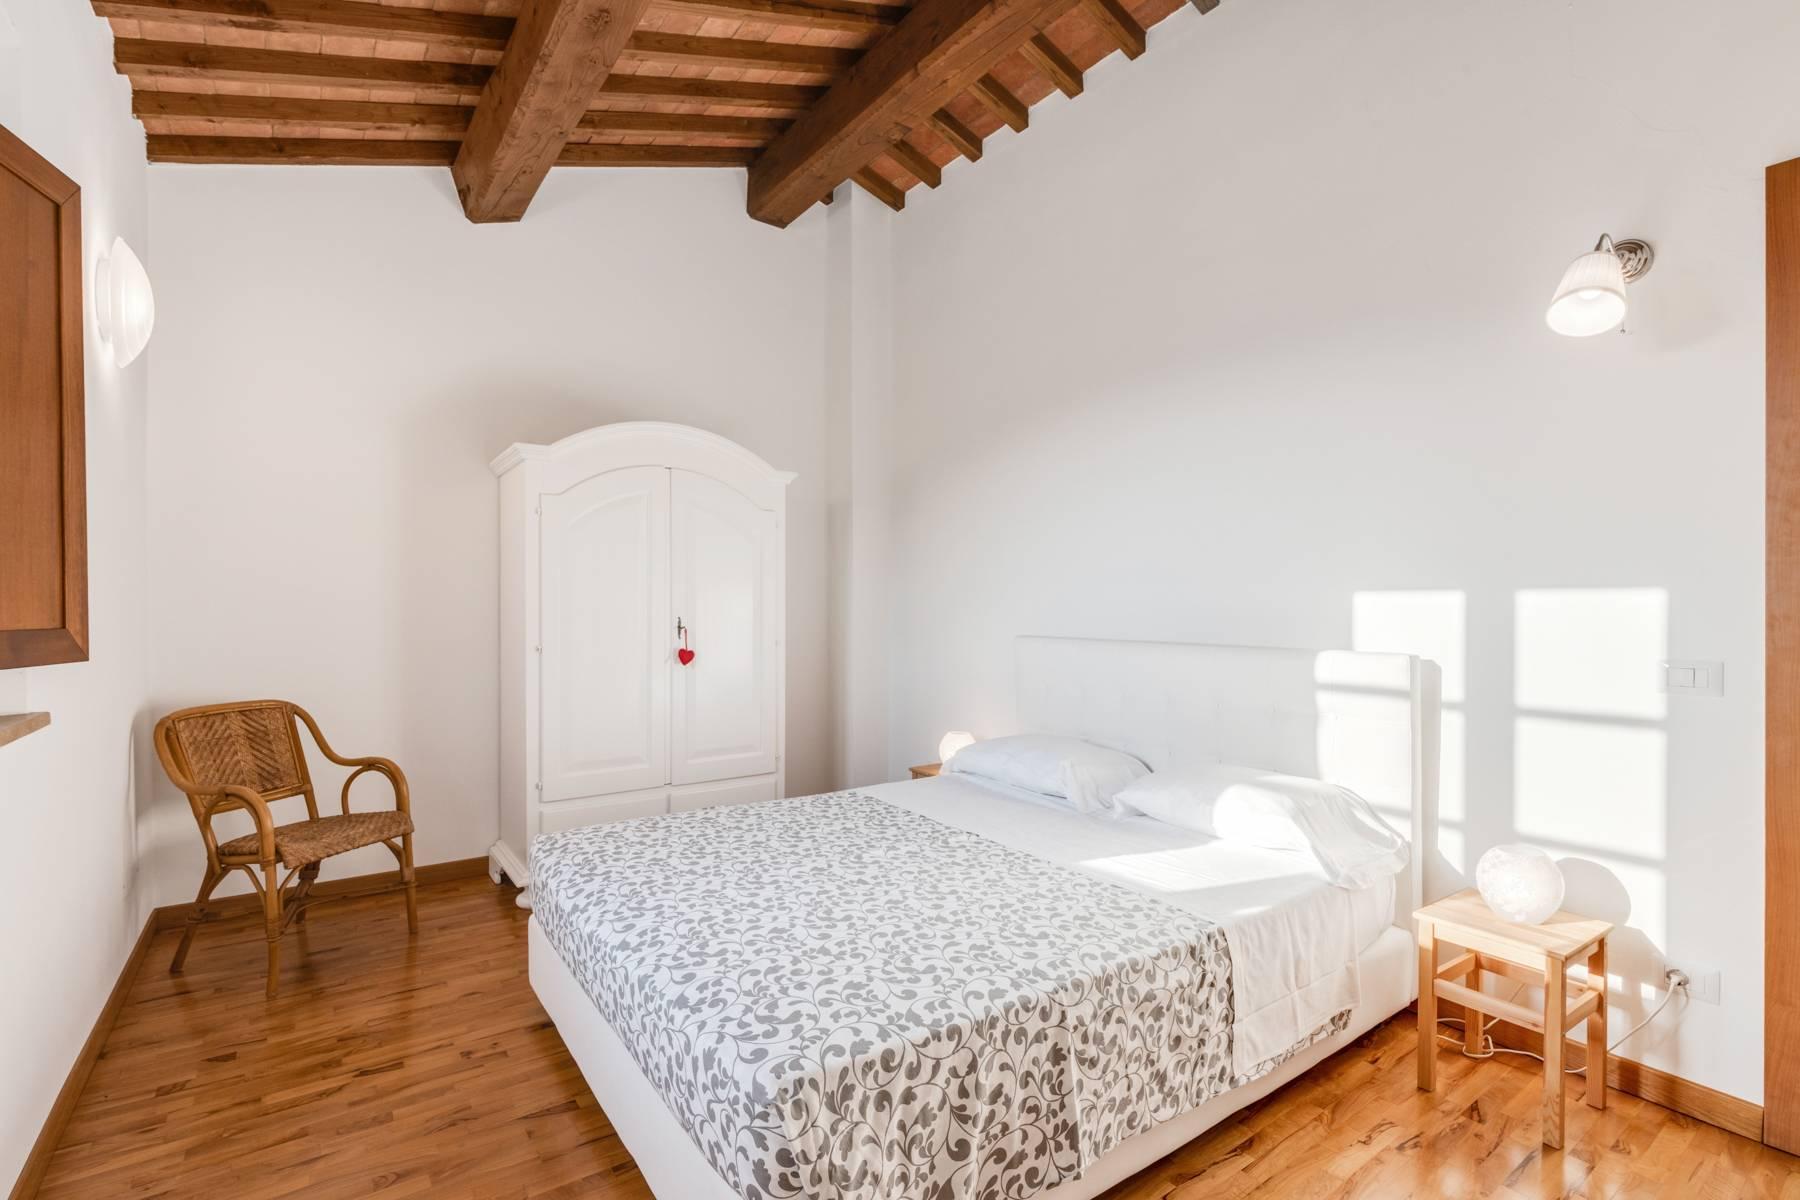 Charmante maison de campagne avec piscine sur les collines toscanes - 9